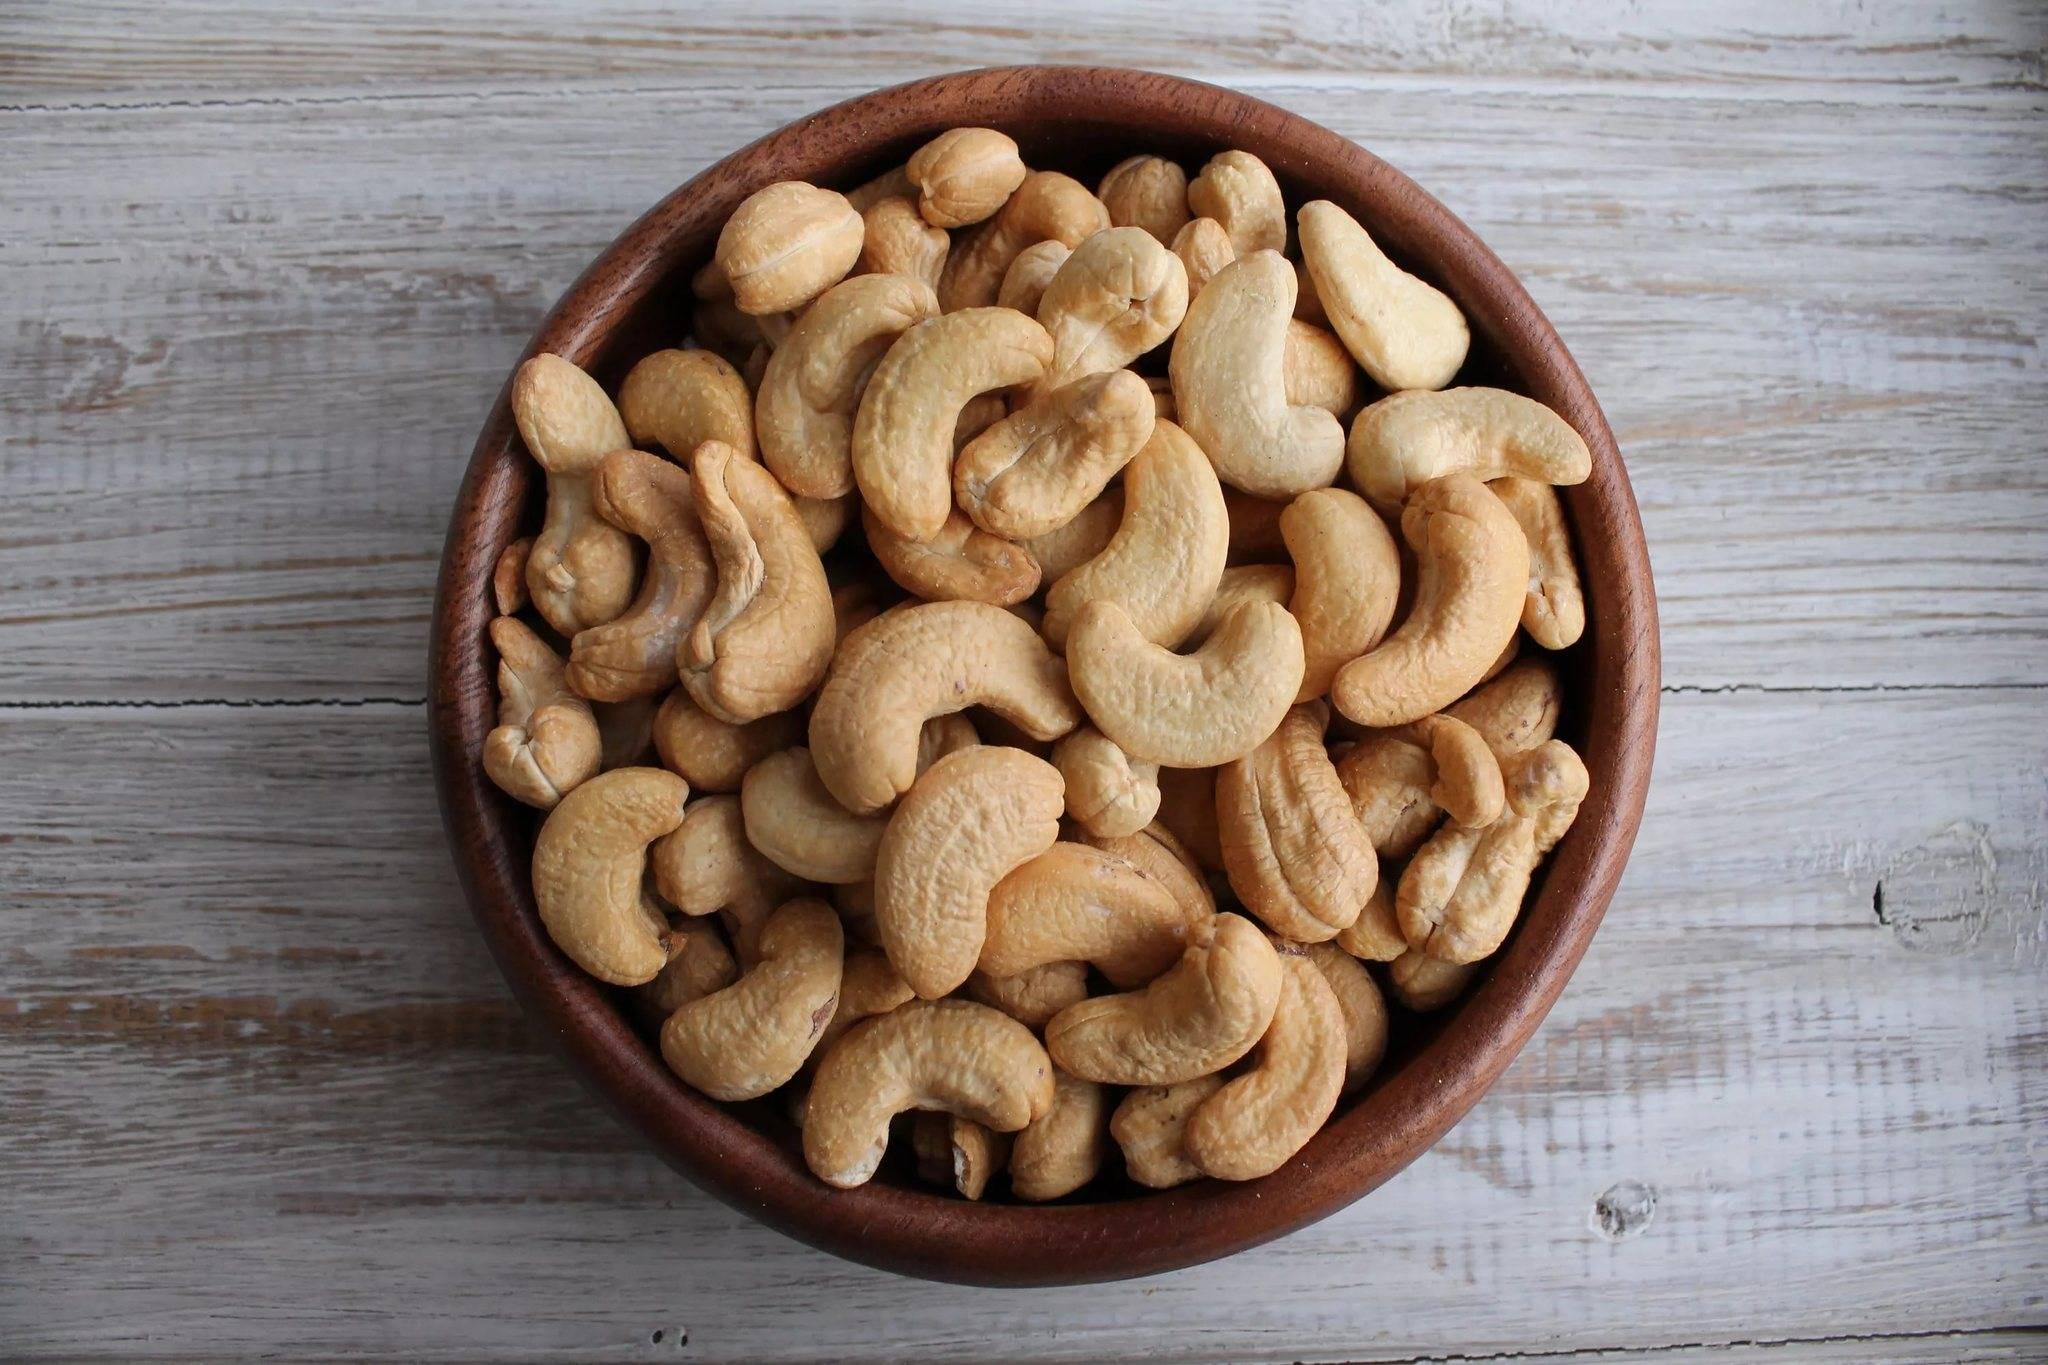 Жареный арахис: польза и вред для организма человека